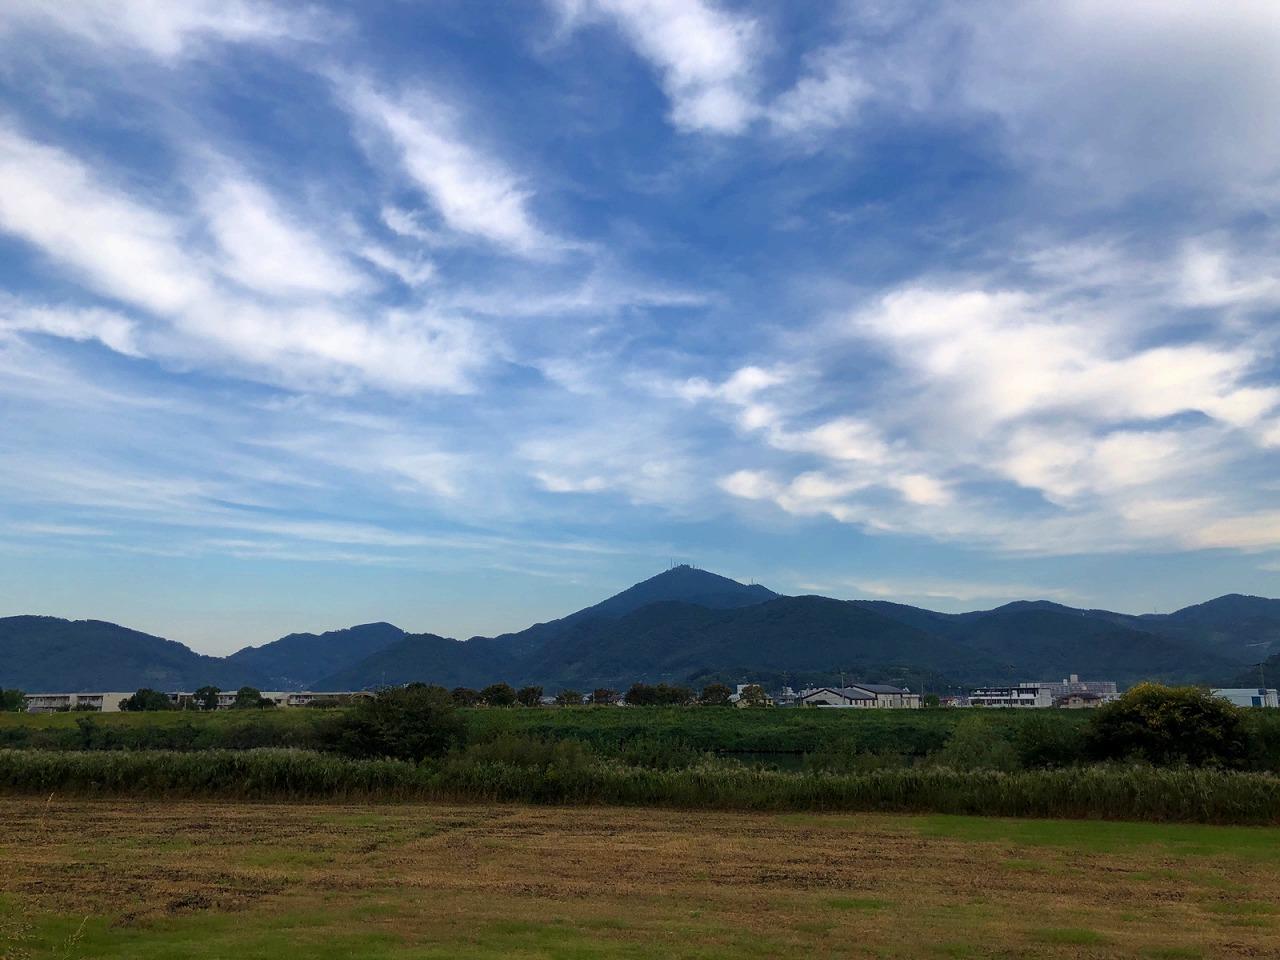 2018.10.12今朝の金峰山です。